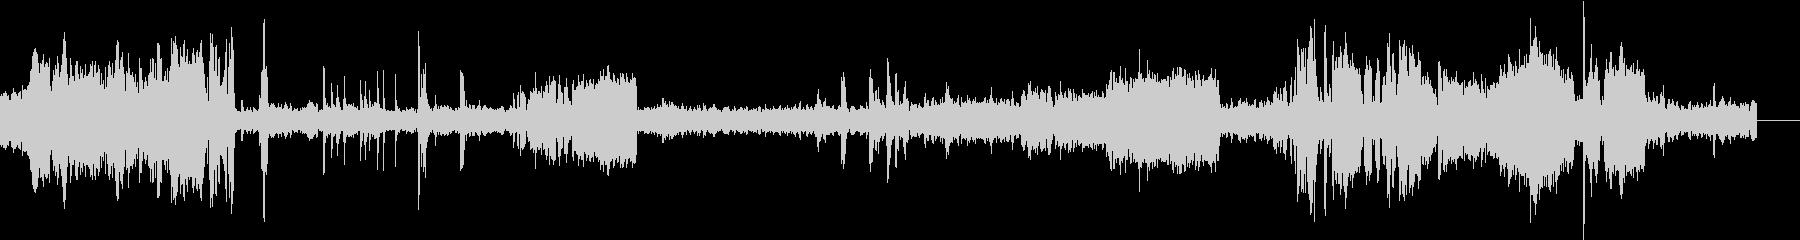 ディーゼル機関車ブレーキスクレープループの未再生の波形